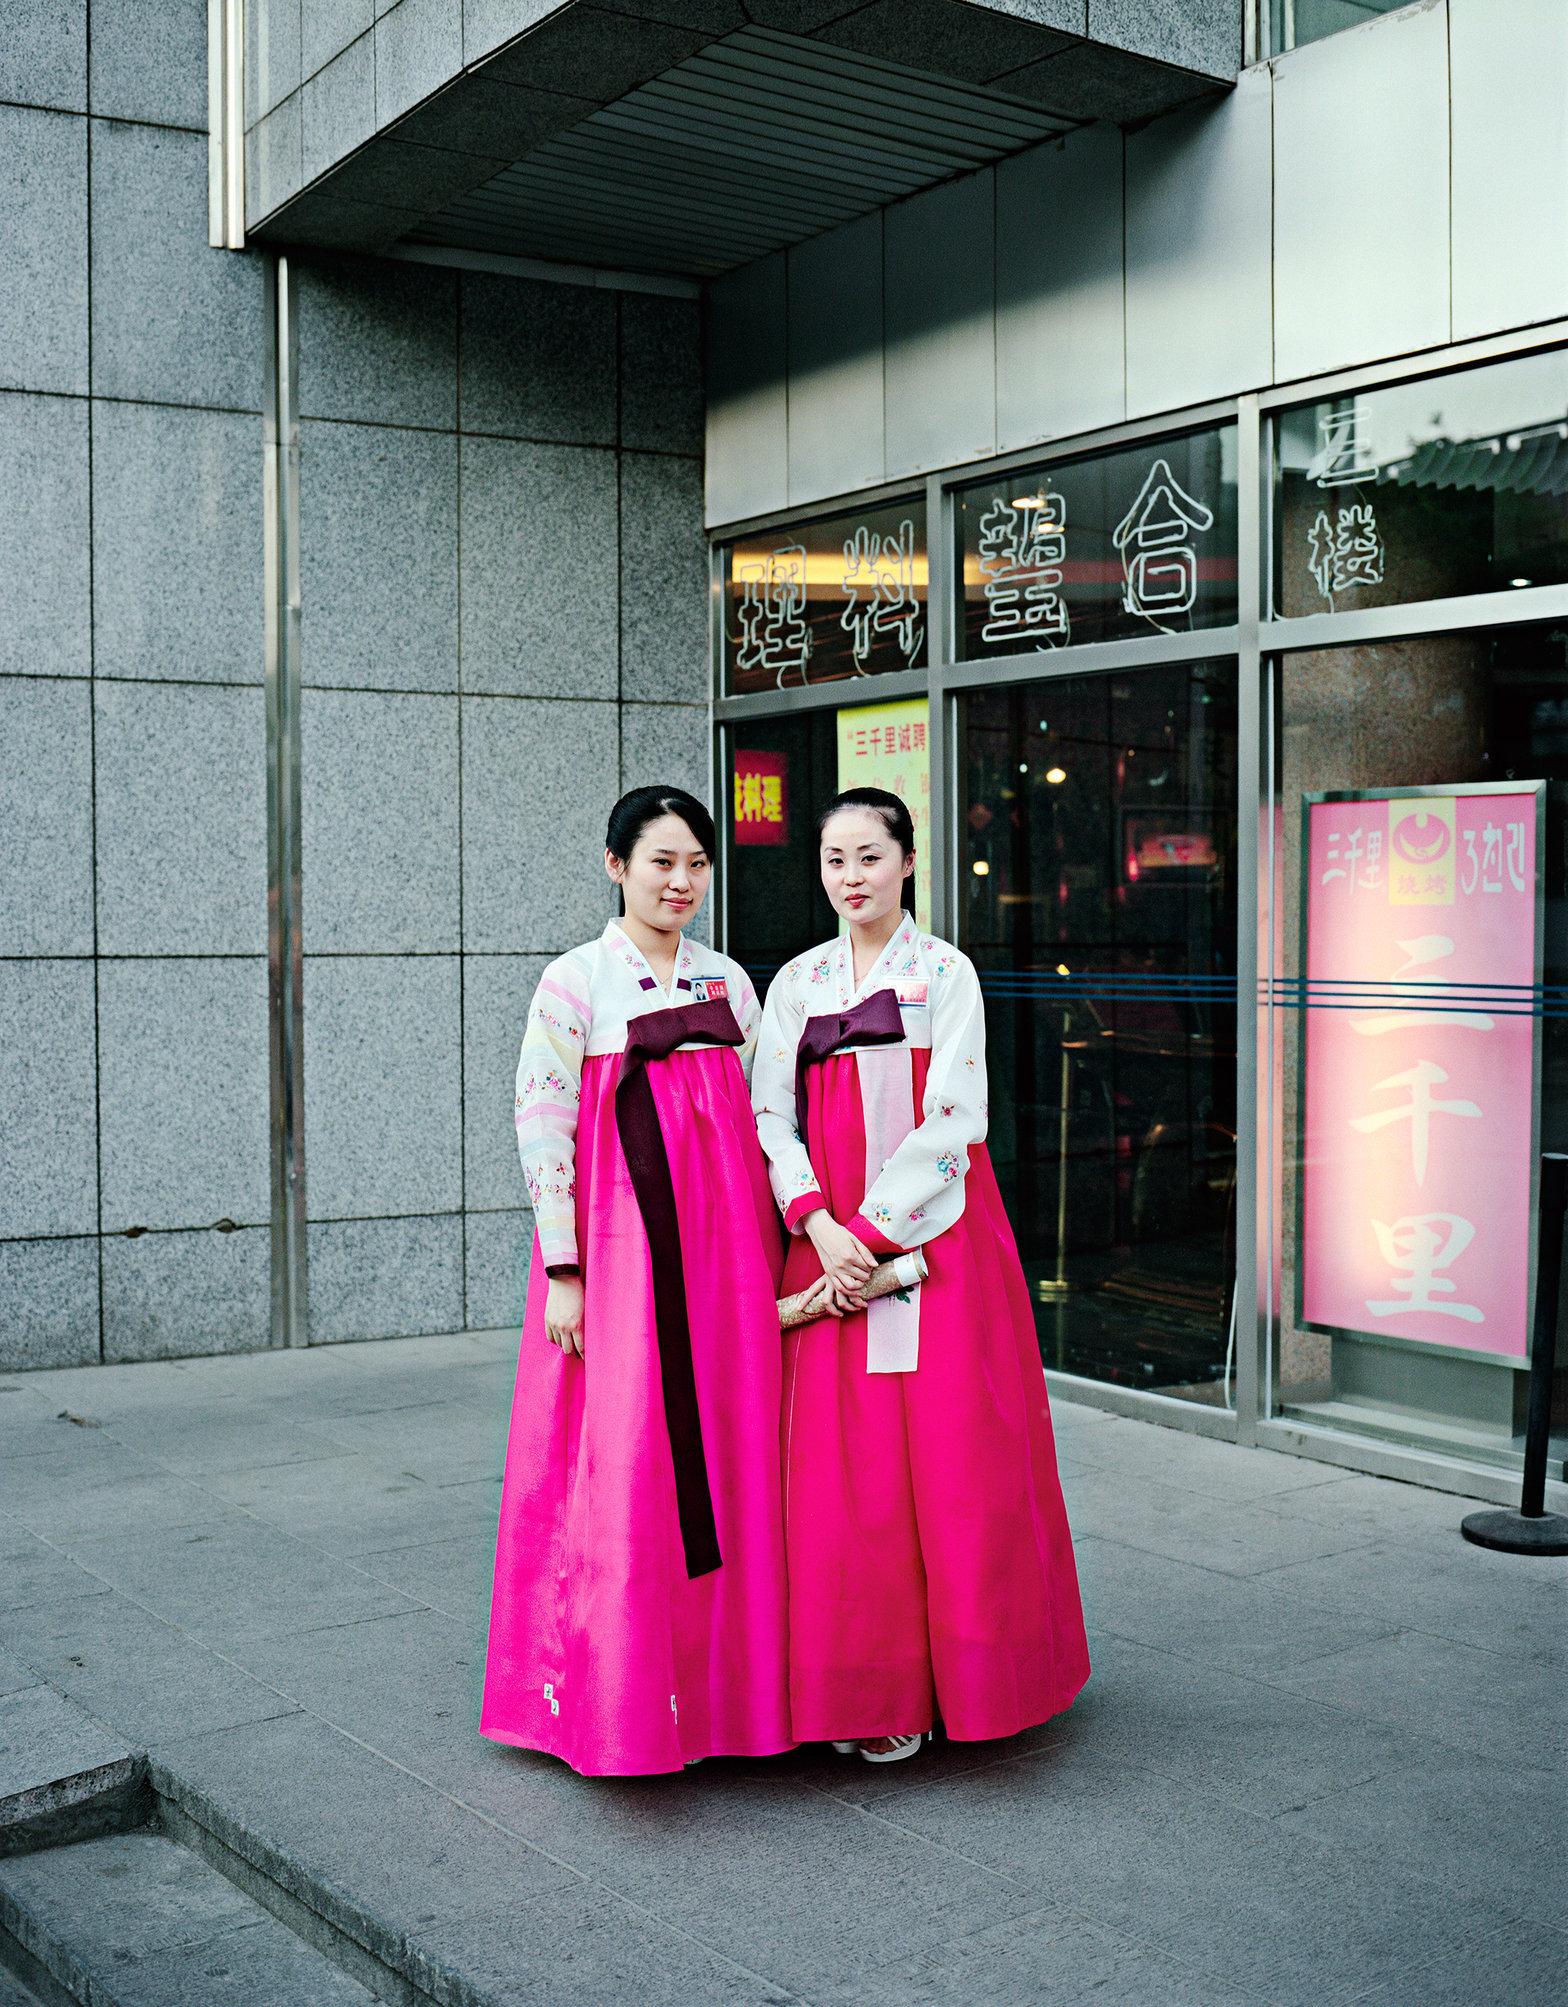 Beijing_May_09_Roll_7_Fr5(RGB)_sharpened_MASTER.jpg